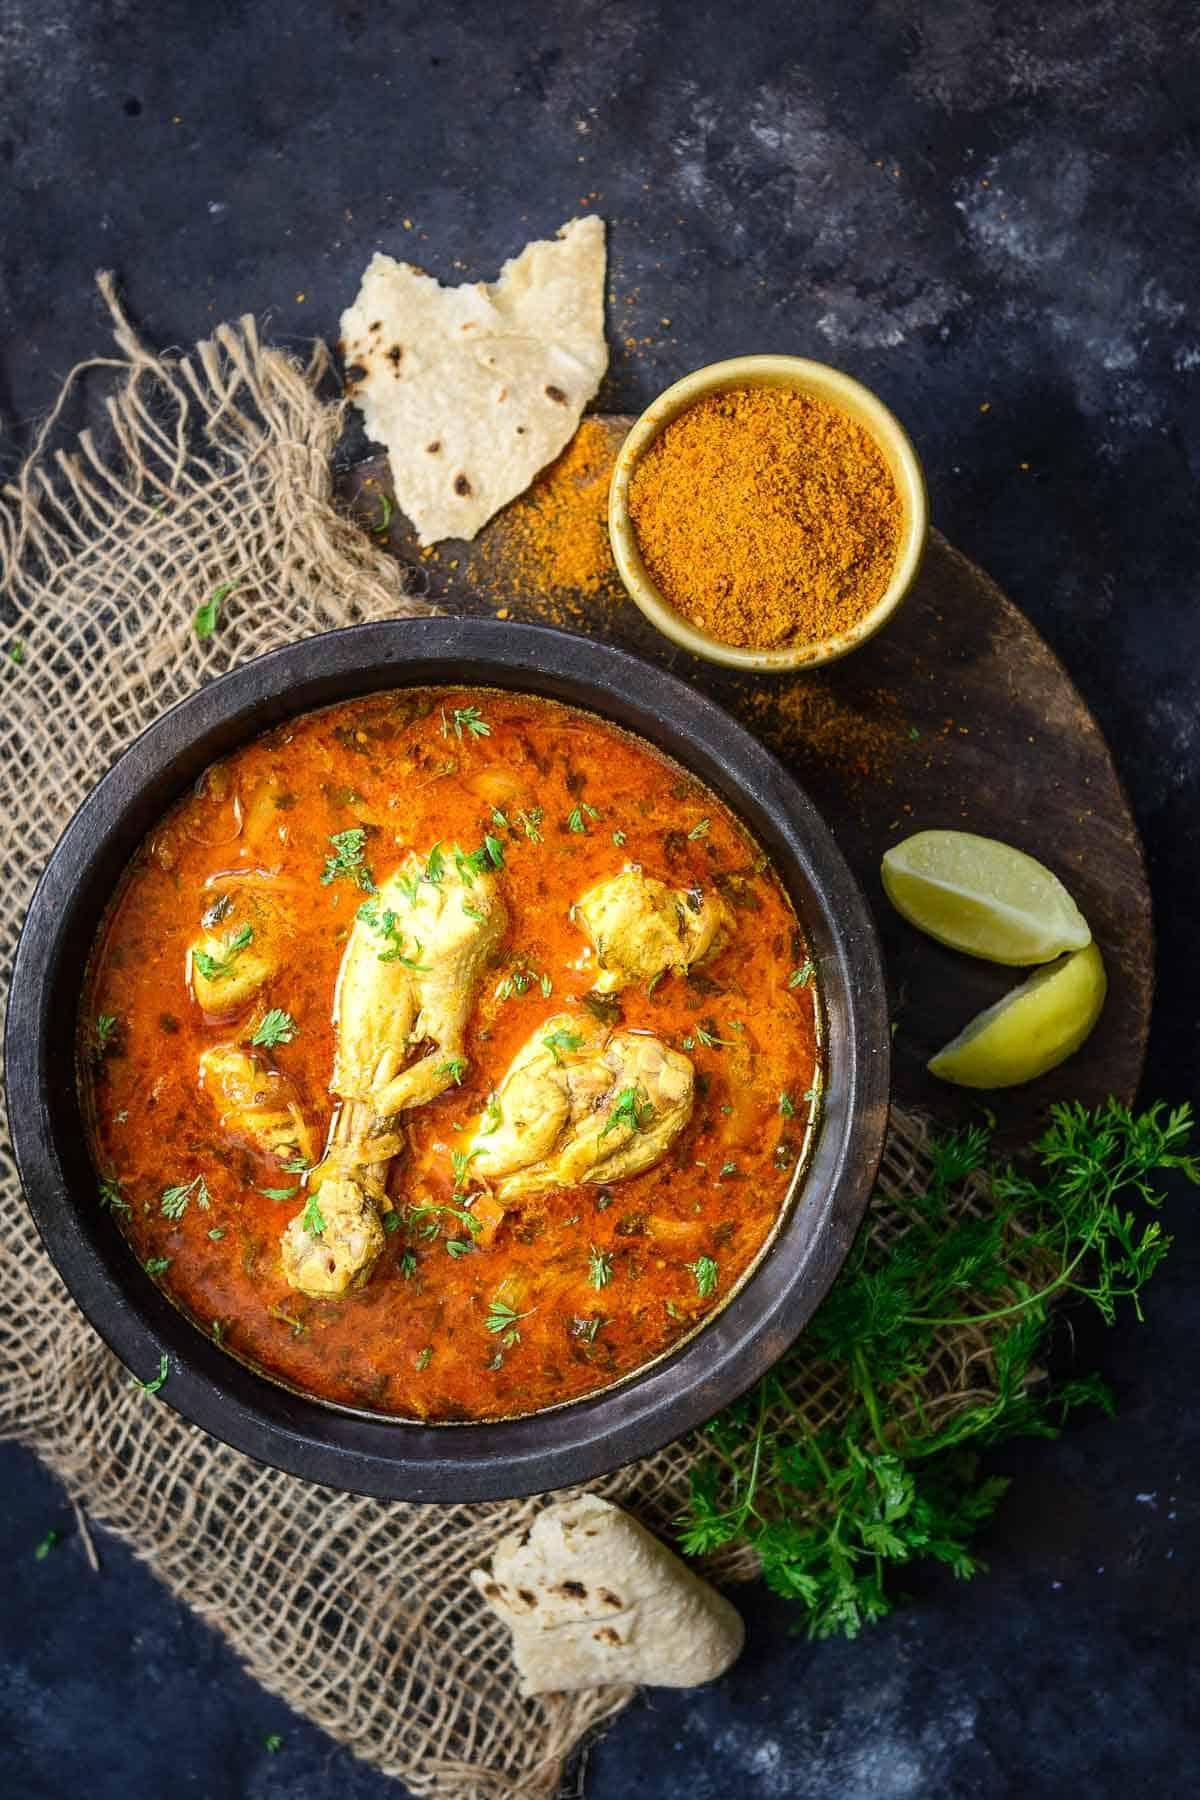 Achari chicken served in a bowl.